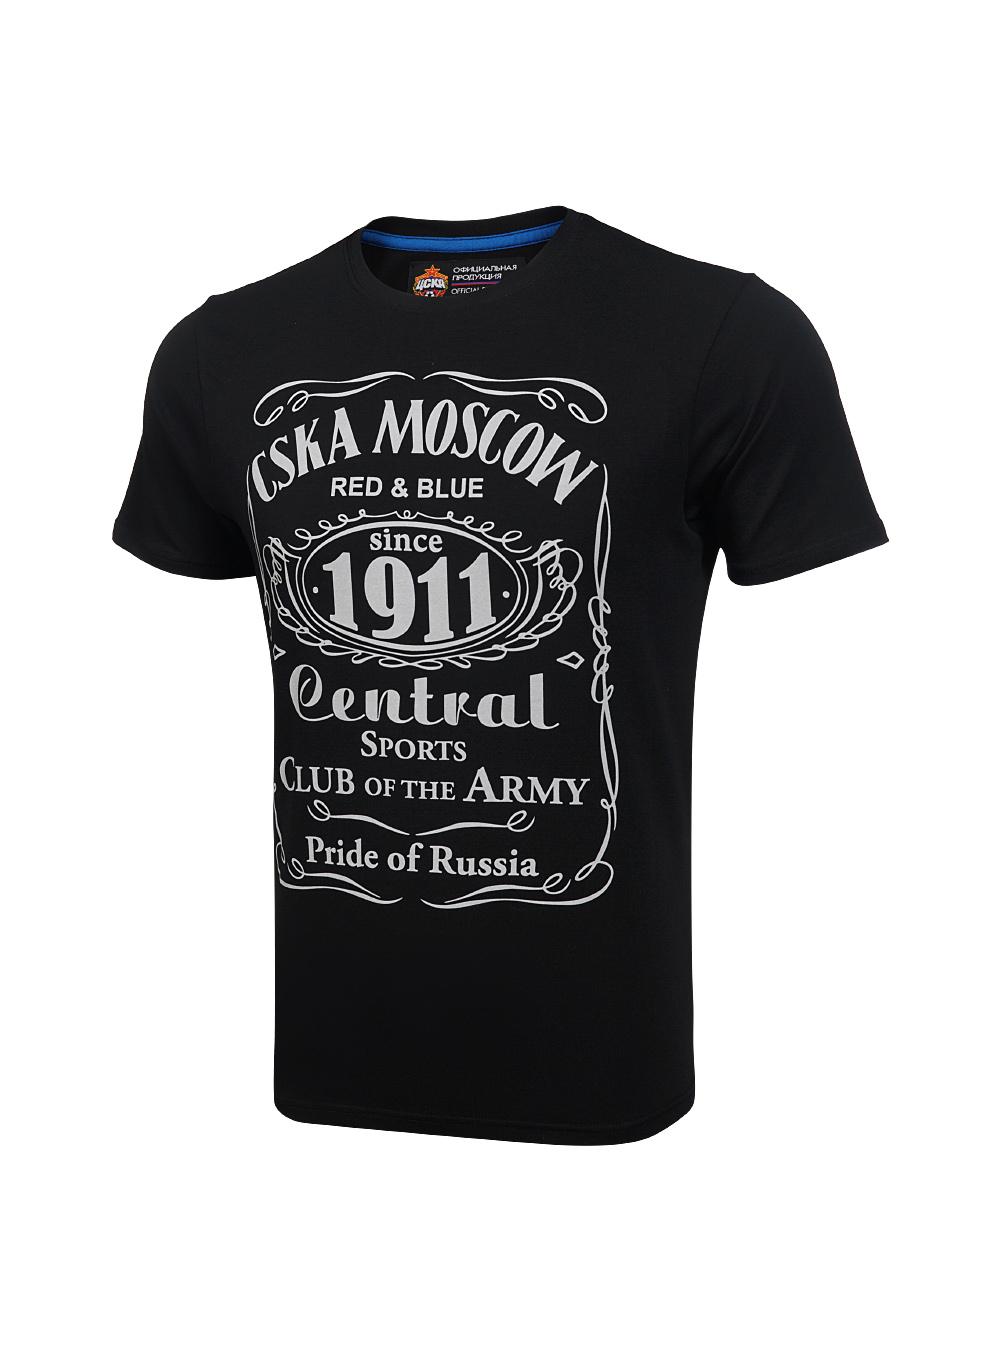 Купить Футболка » CSKA MOSCOW 1911 «cover, цвет чёрный (M) по Нижнему Новгороду